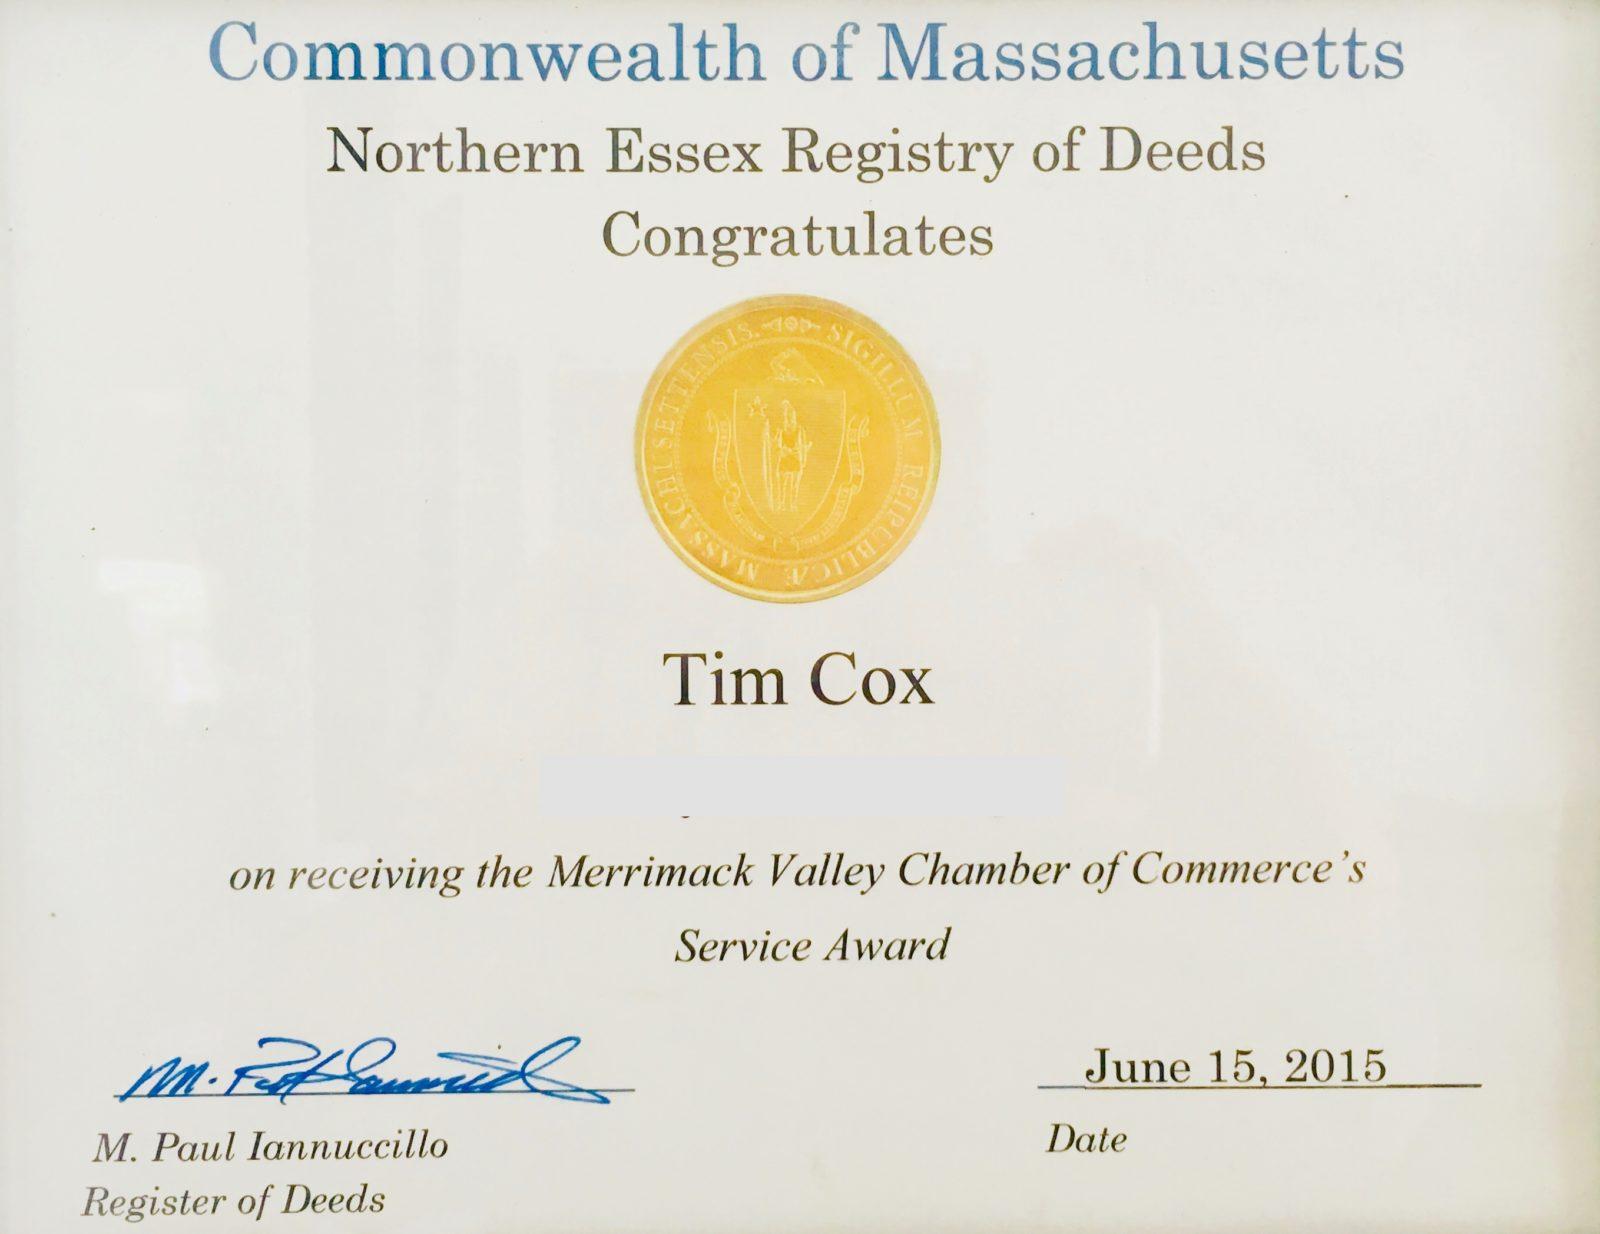 Merrimack Valley Chamber of Commerce's Service Award